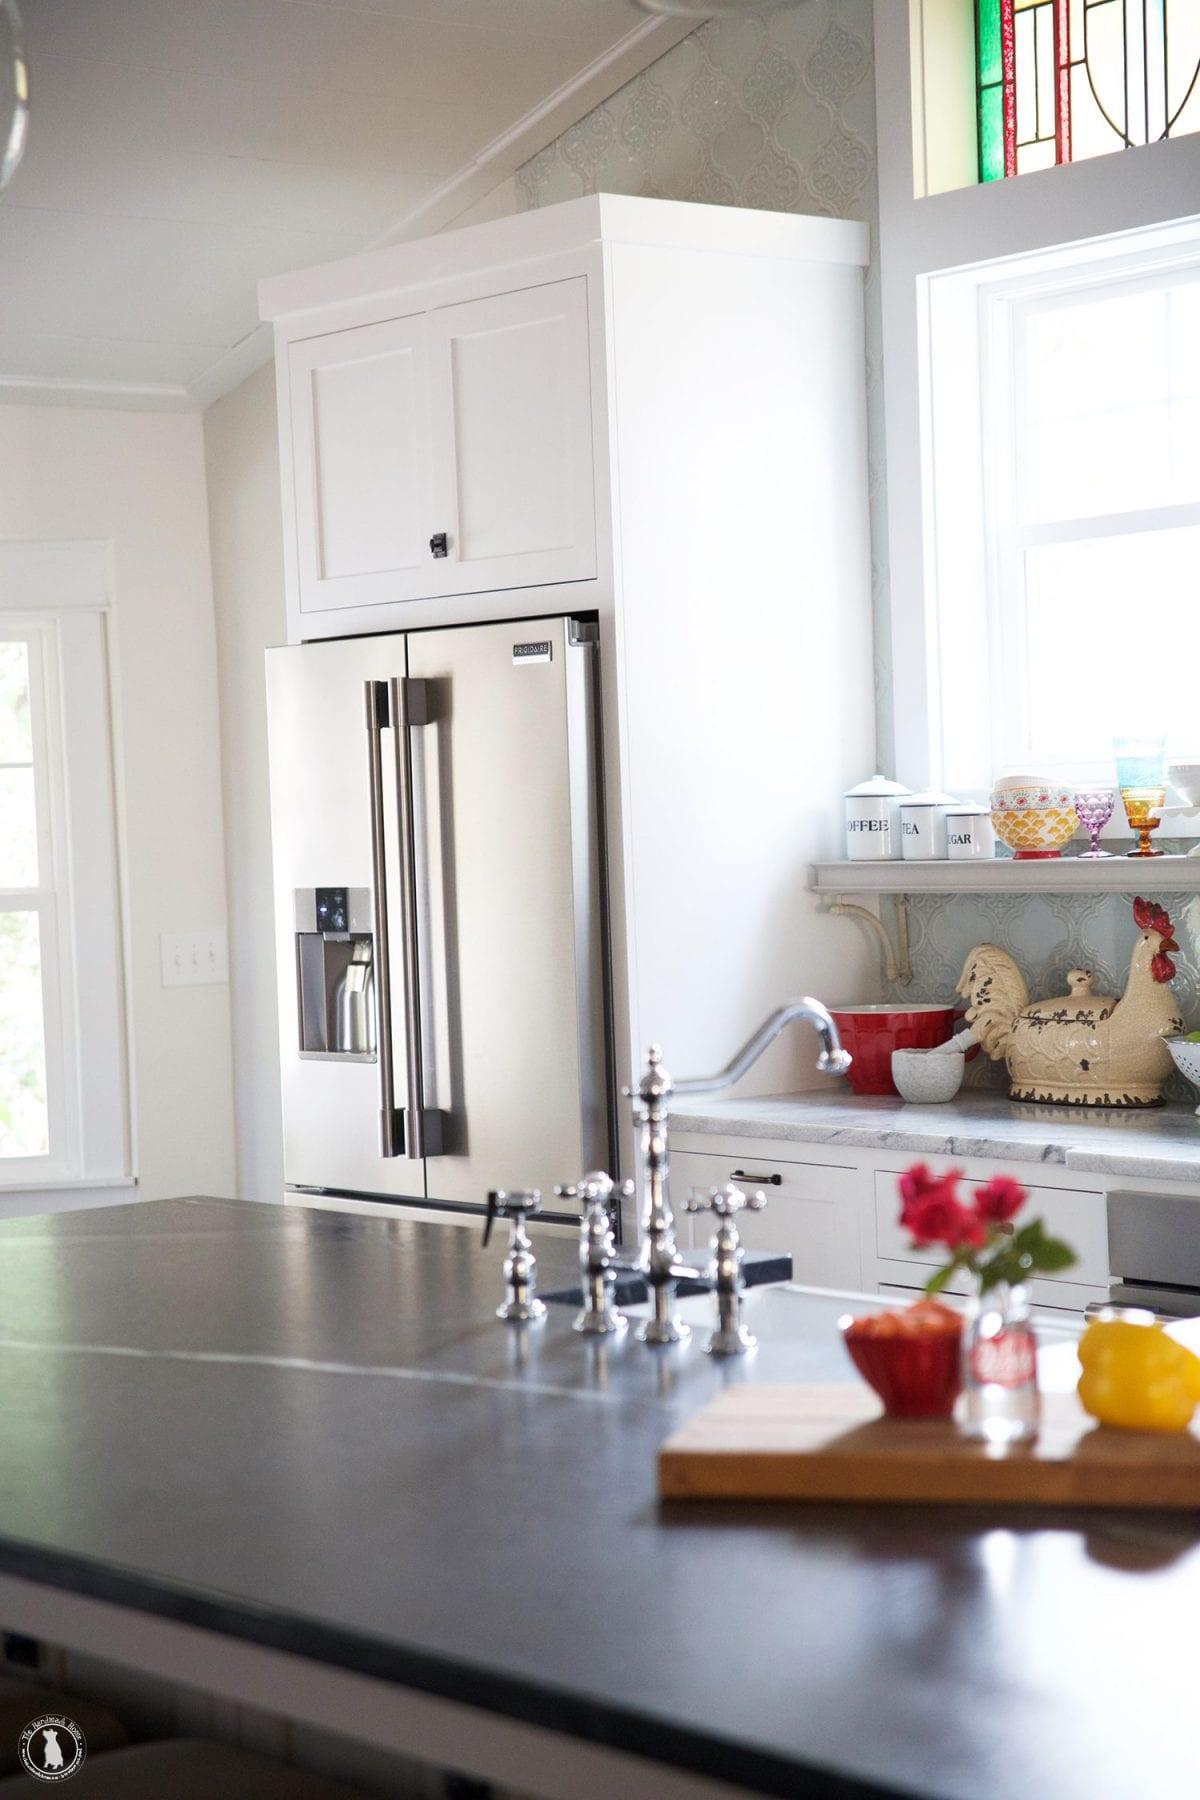 stainless_fridge_sidebyside